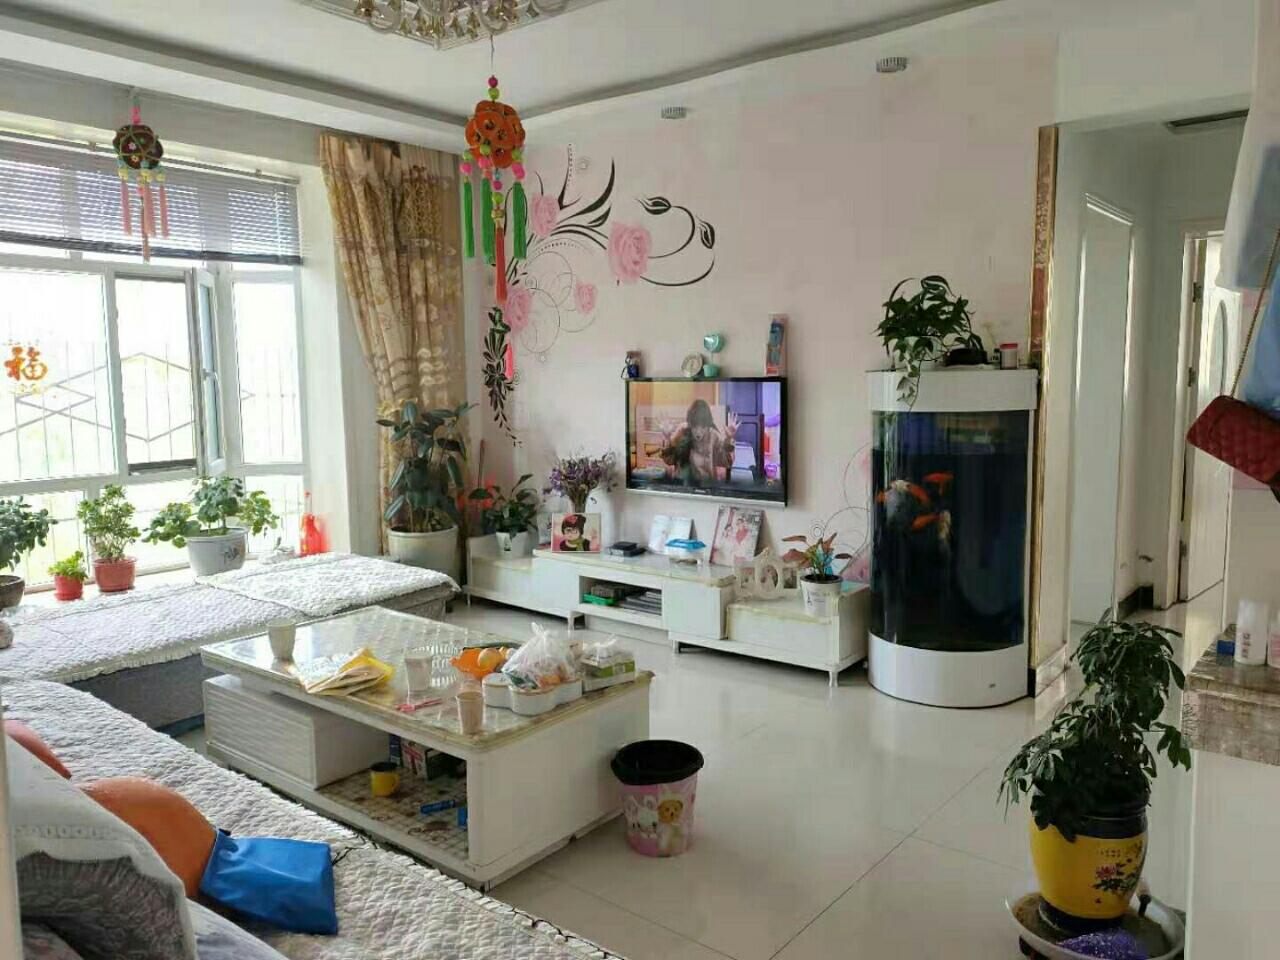 明珠花园三楼2室 2厅 1卫43万元